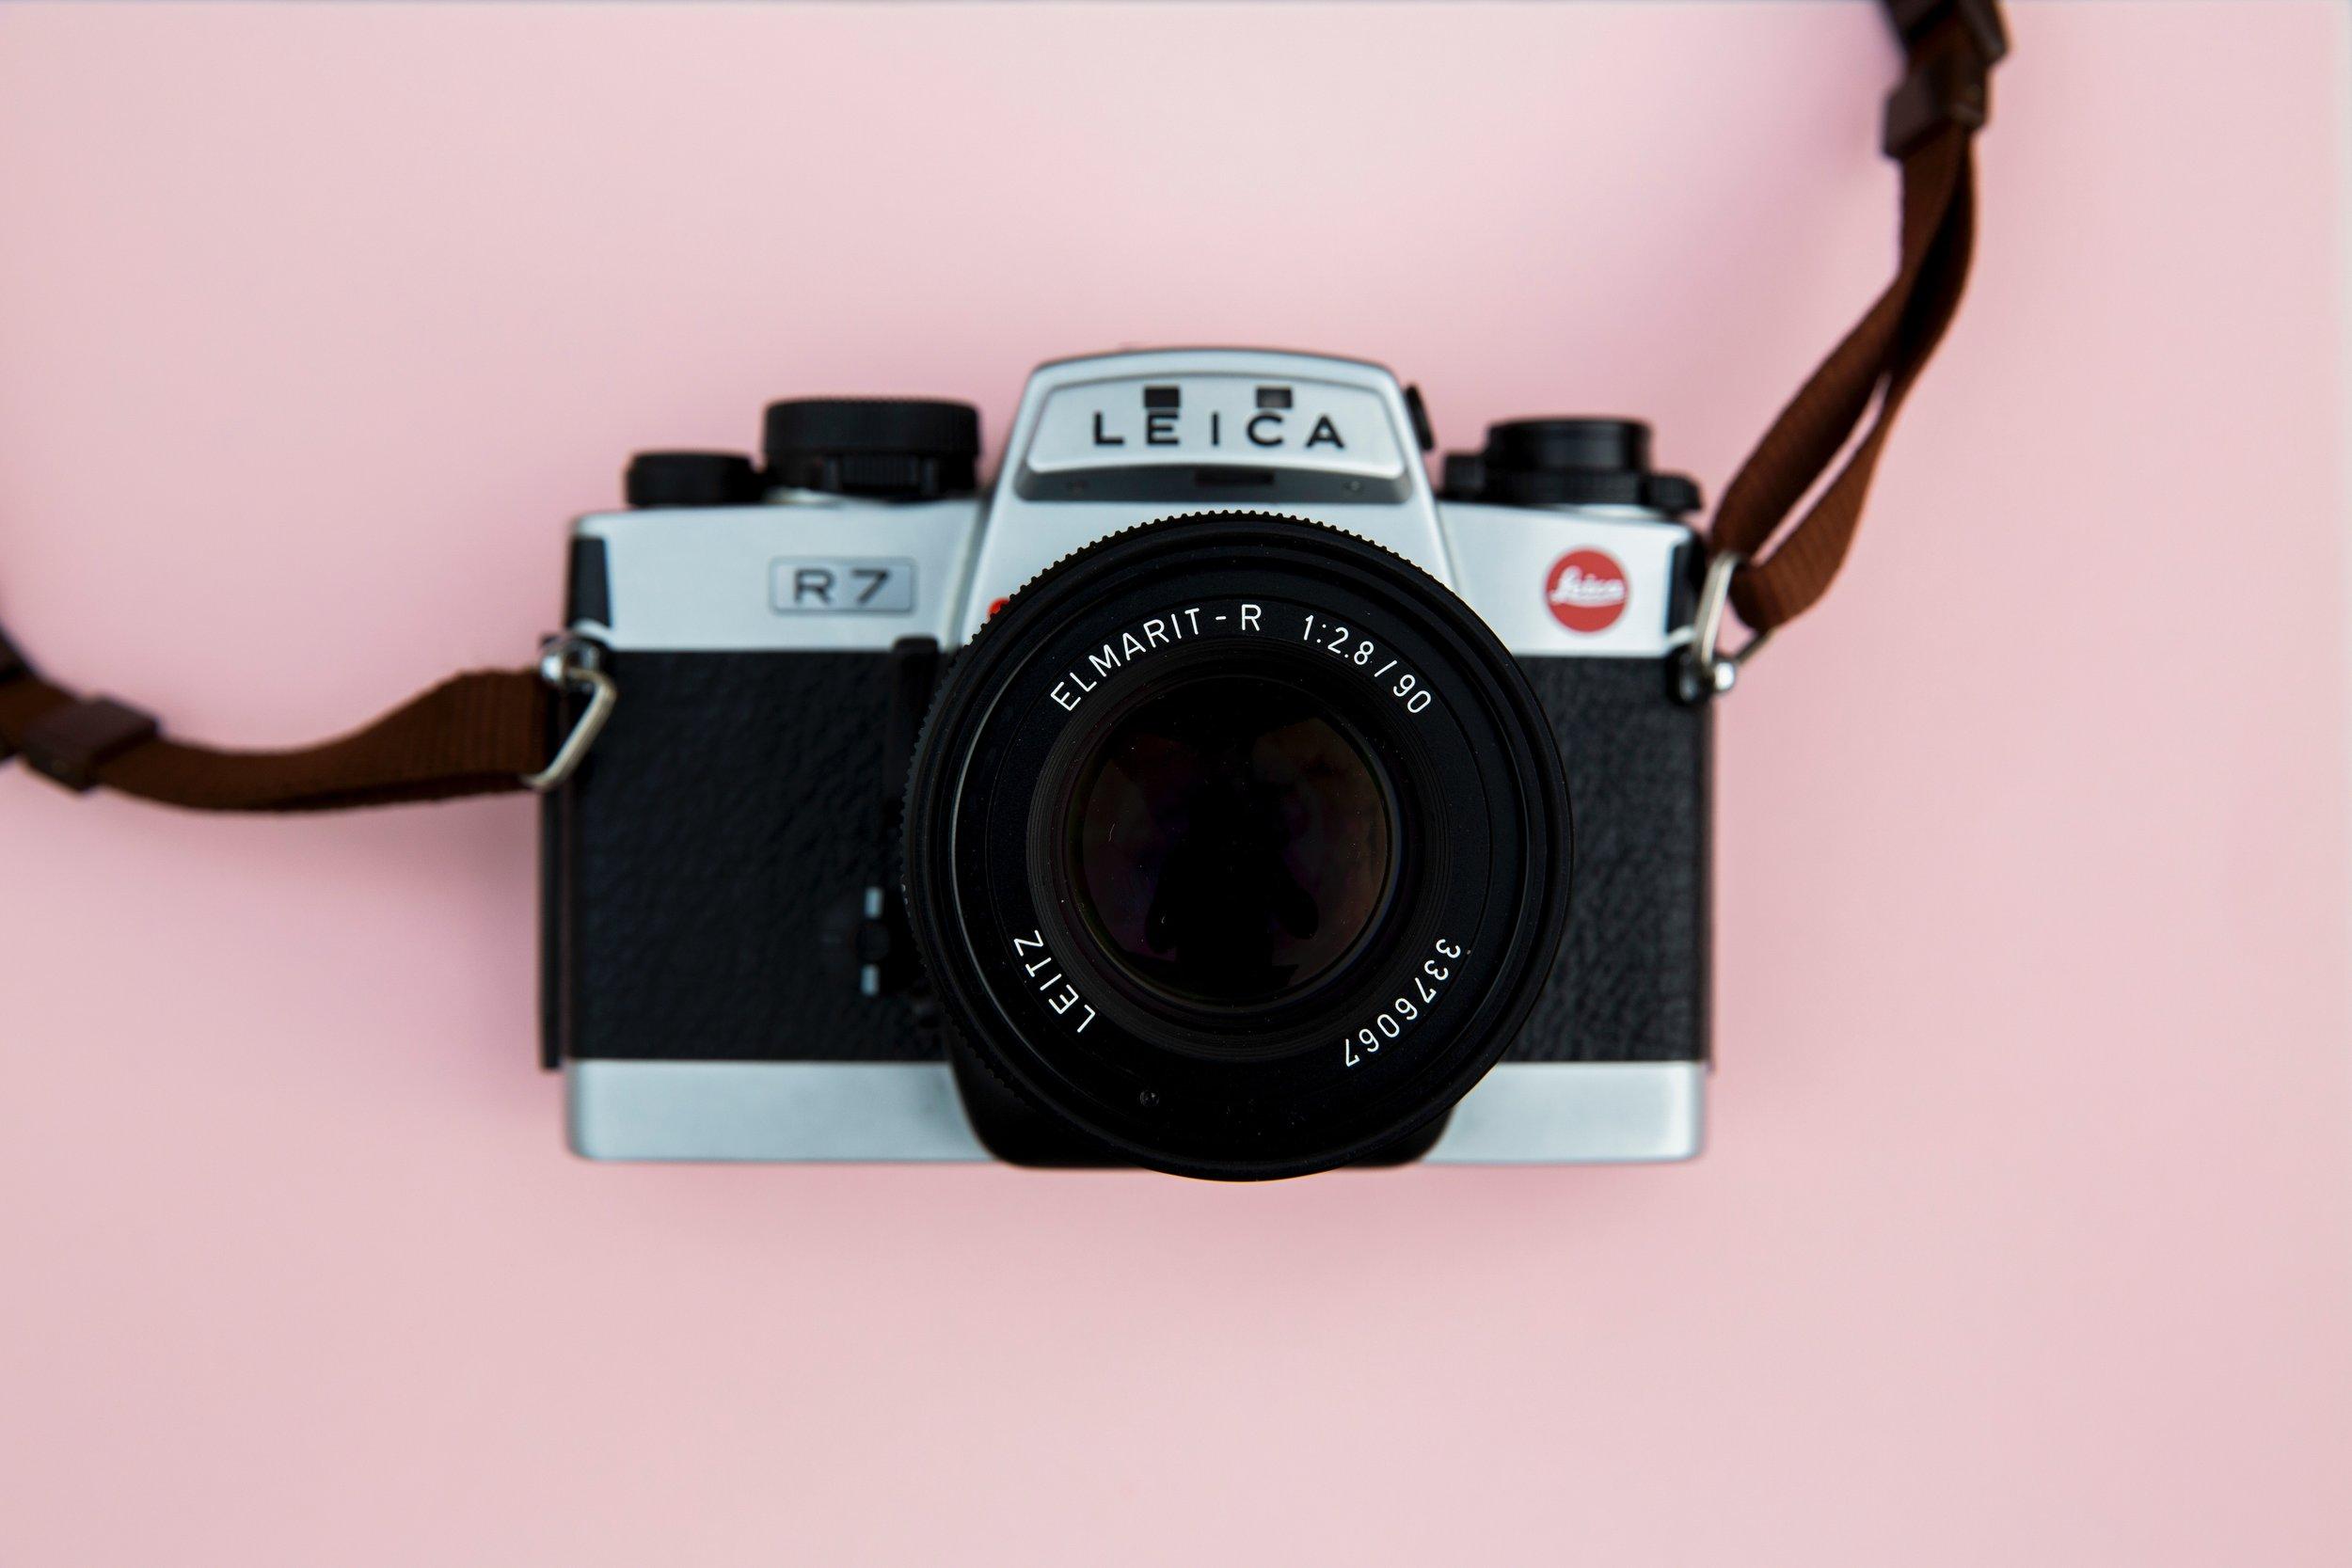 28mm-35mm-80ties-1002635.jpg